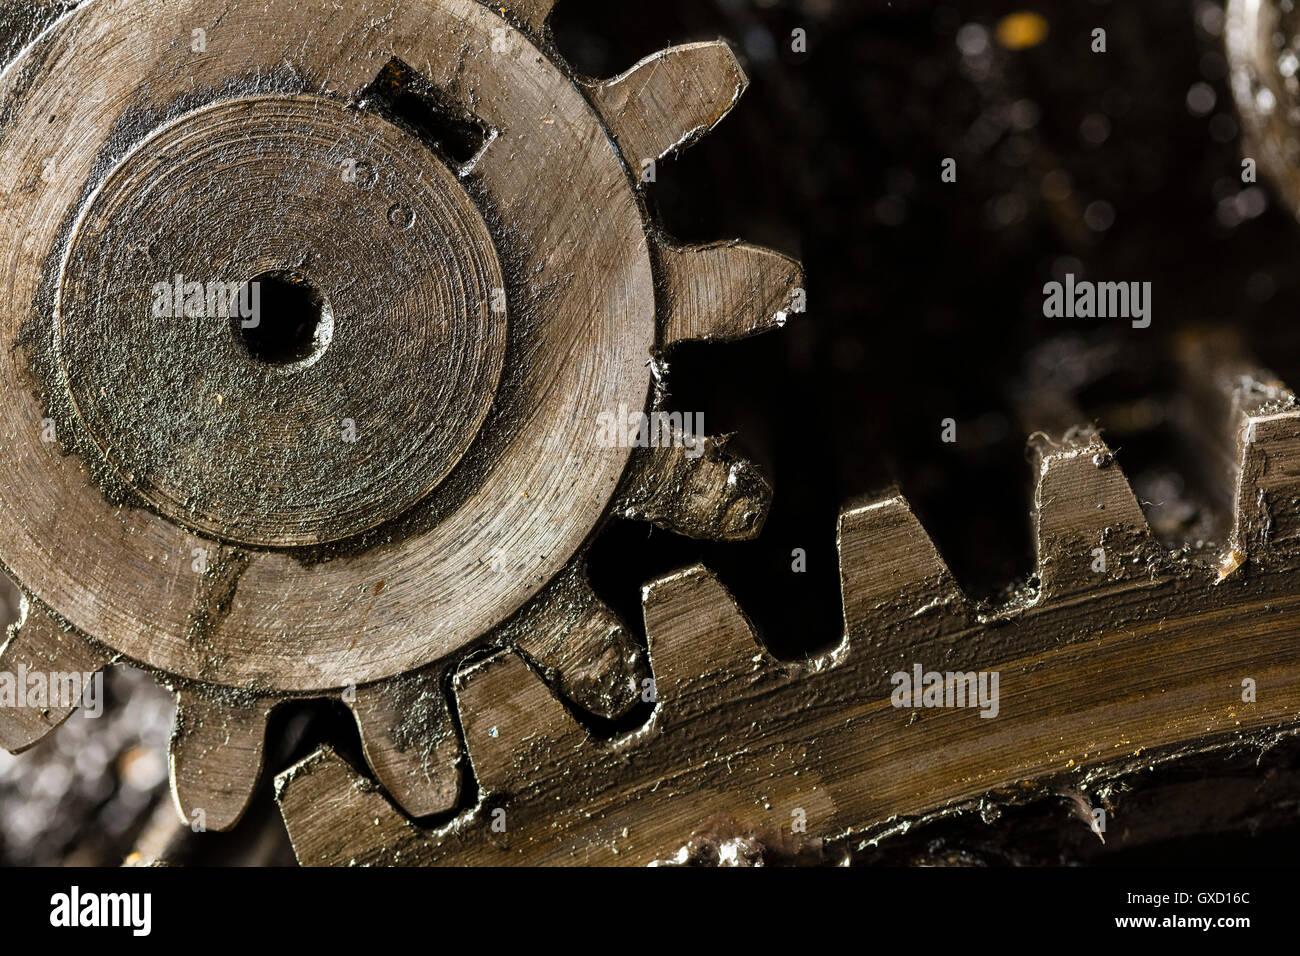 Close up of printing machinery cogs en atelier de l'imprimerie Banque D'Images